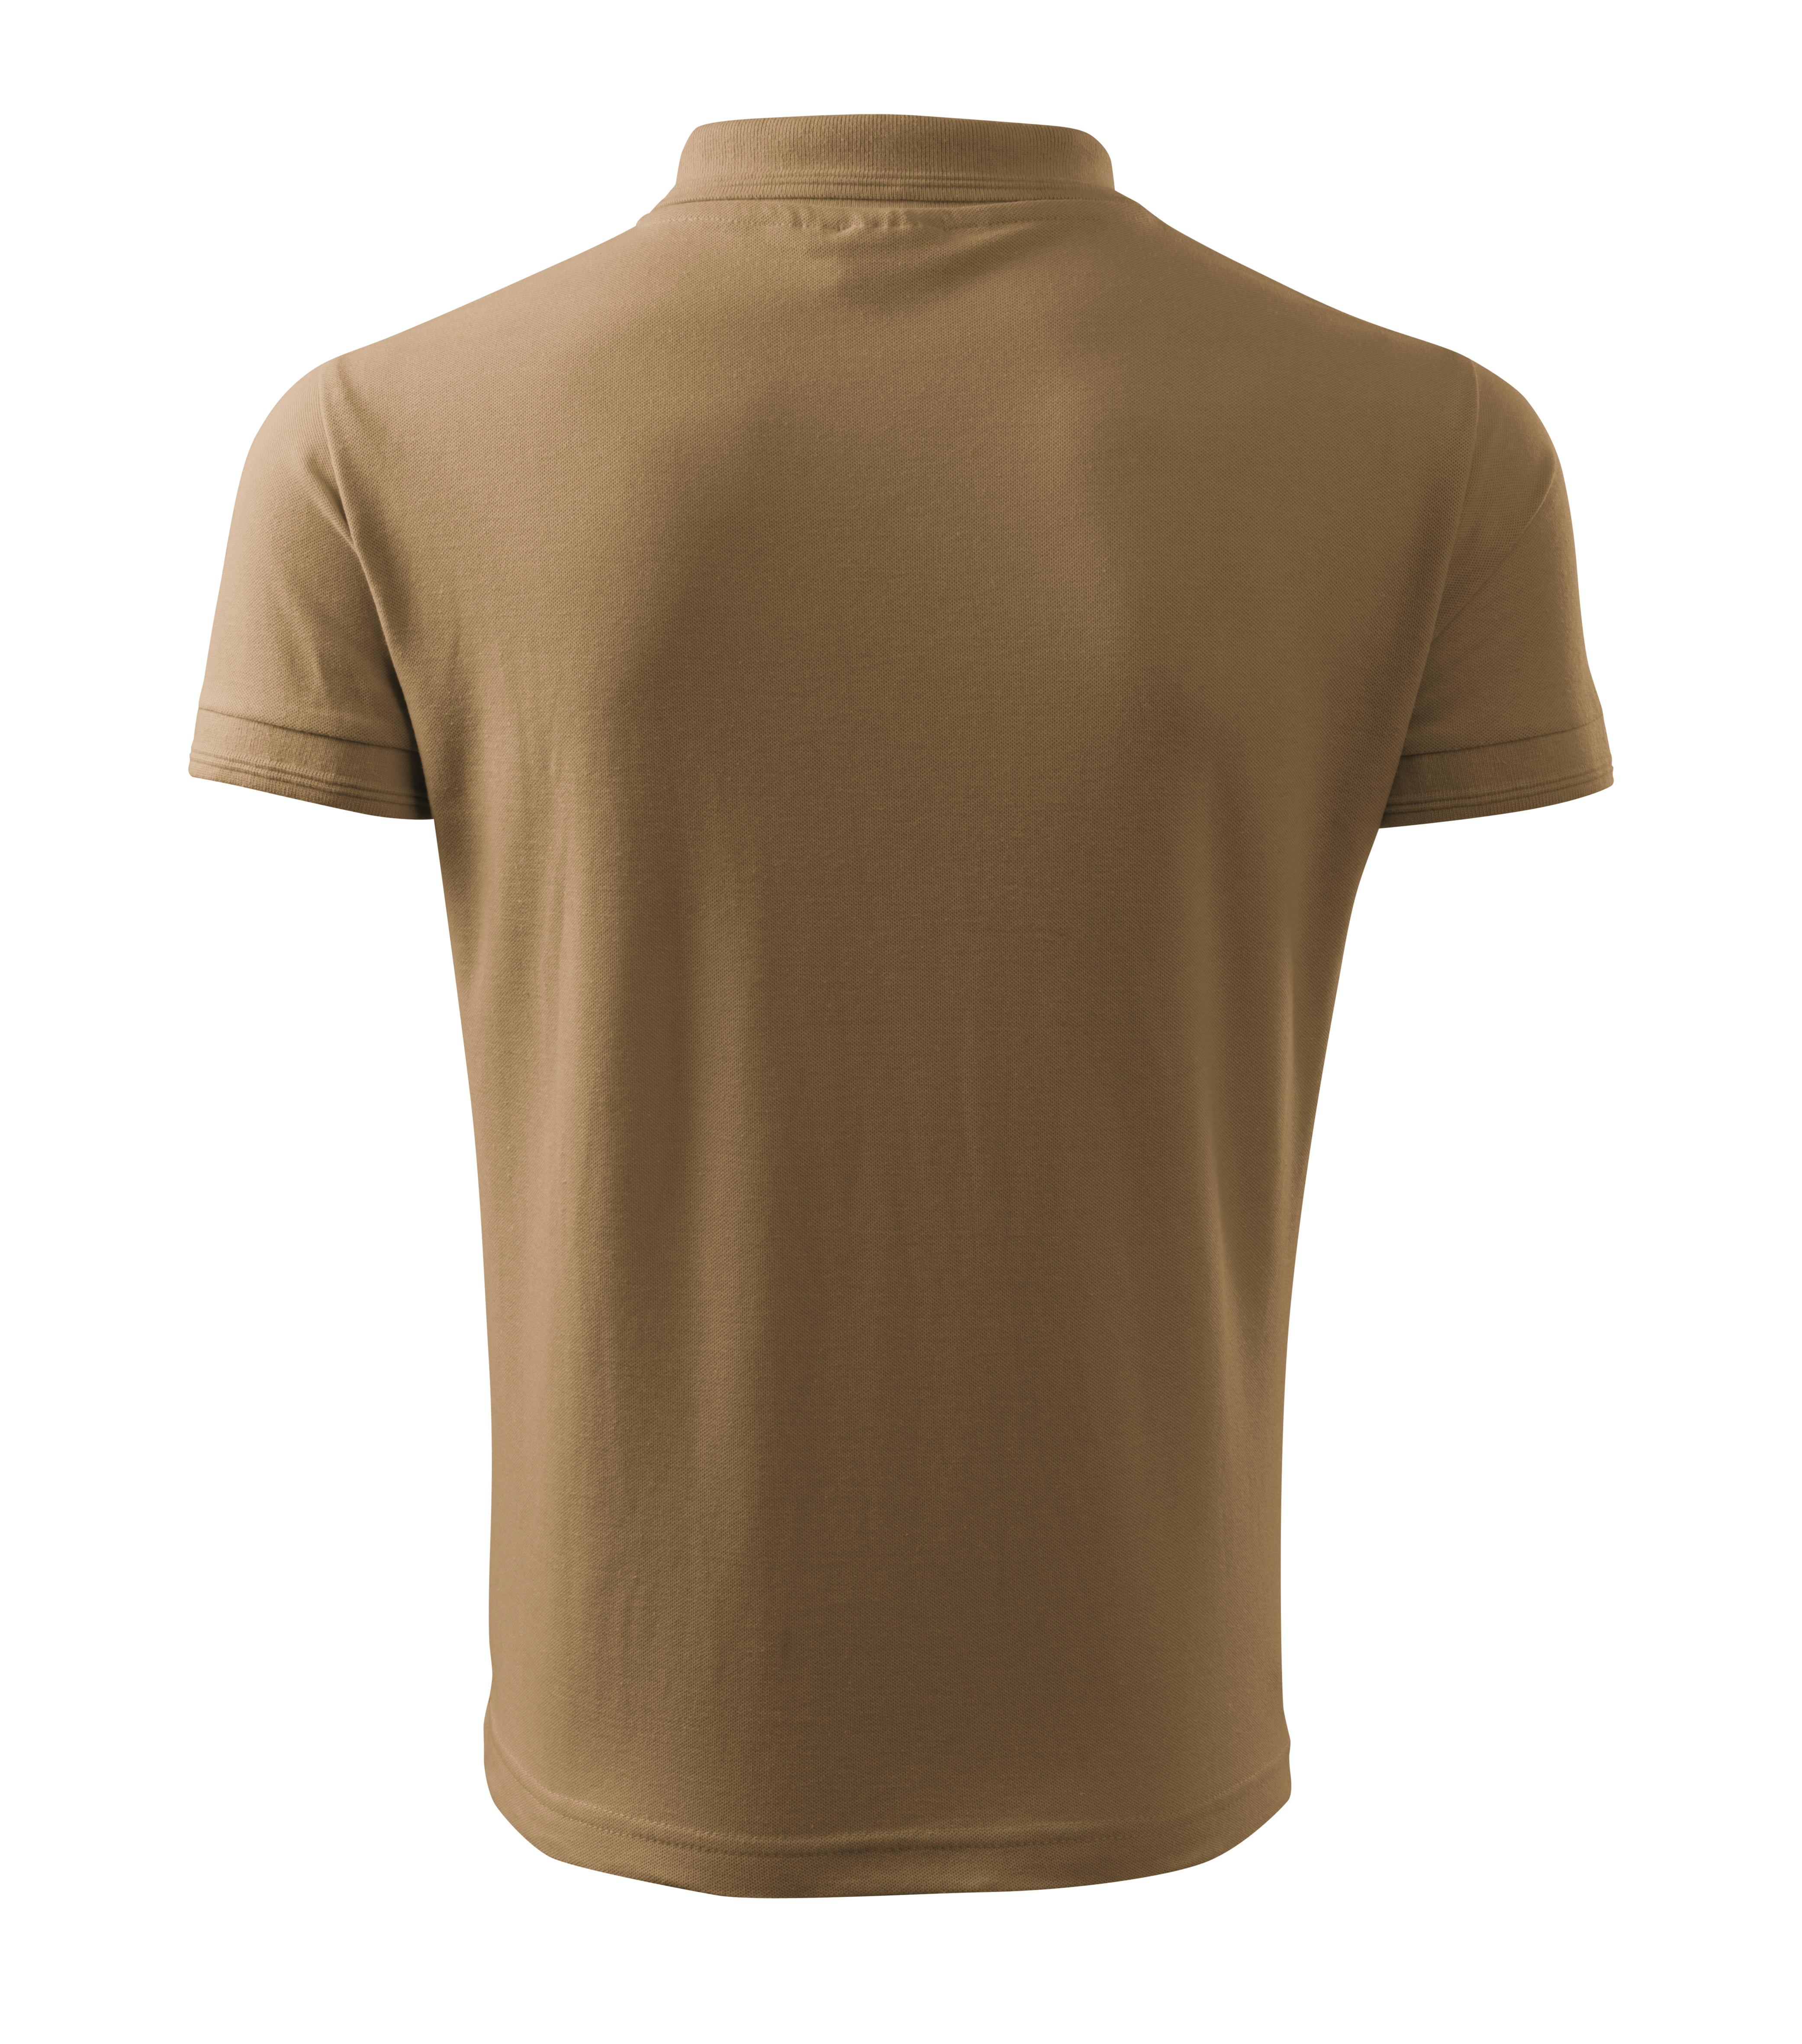 a38278b296 ... Férfi galléros piké póló (homokszín hát).jpg ...